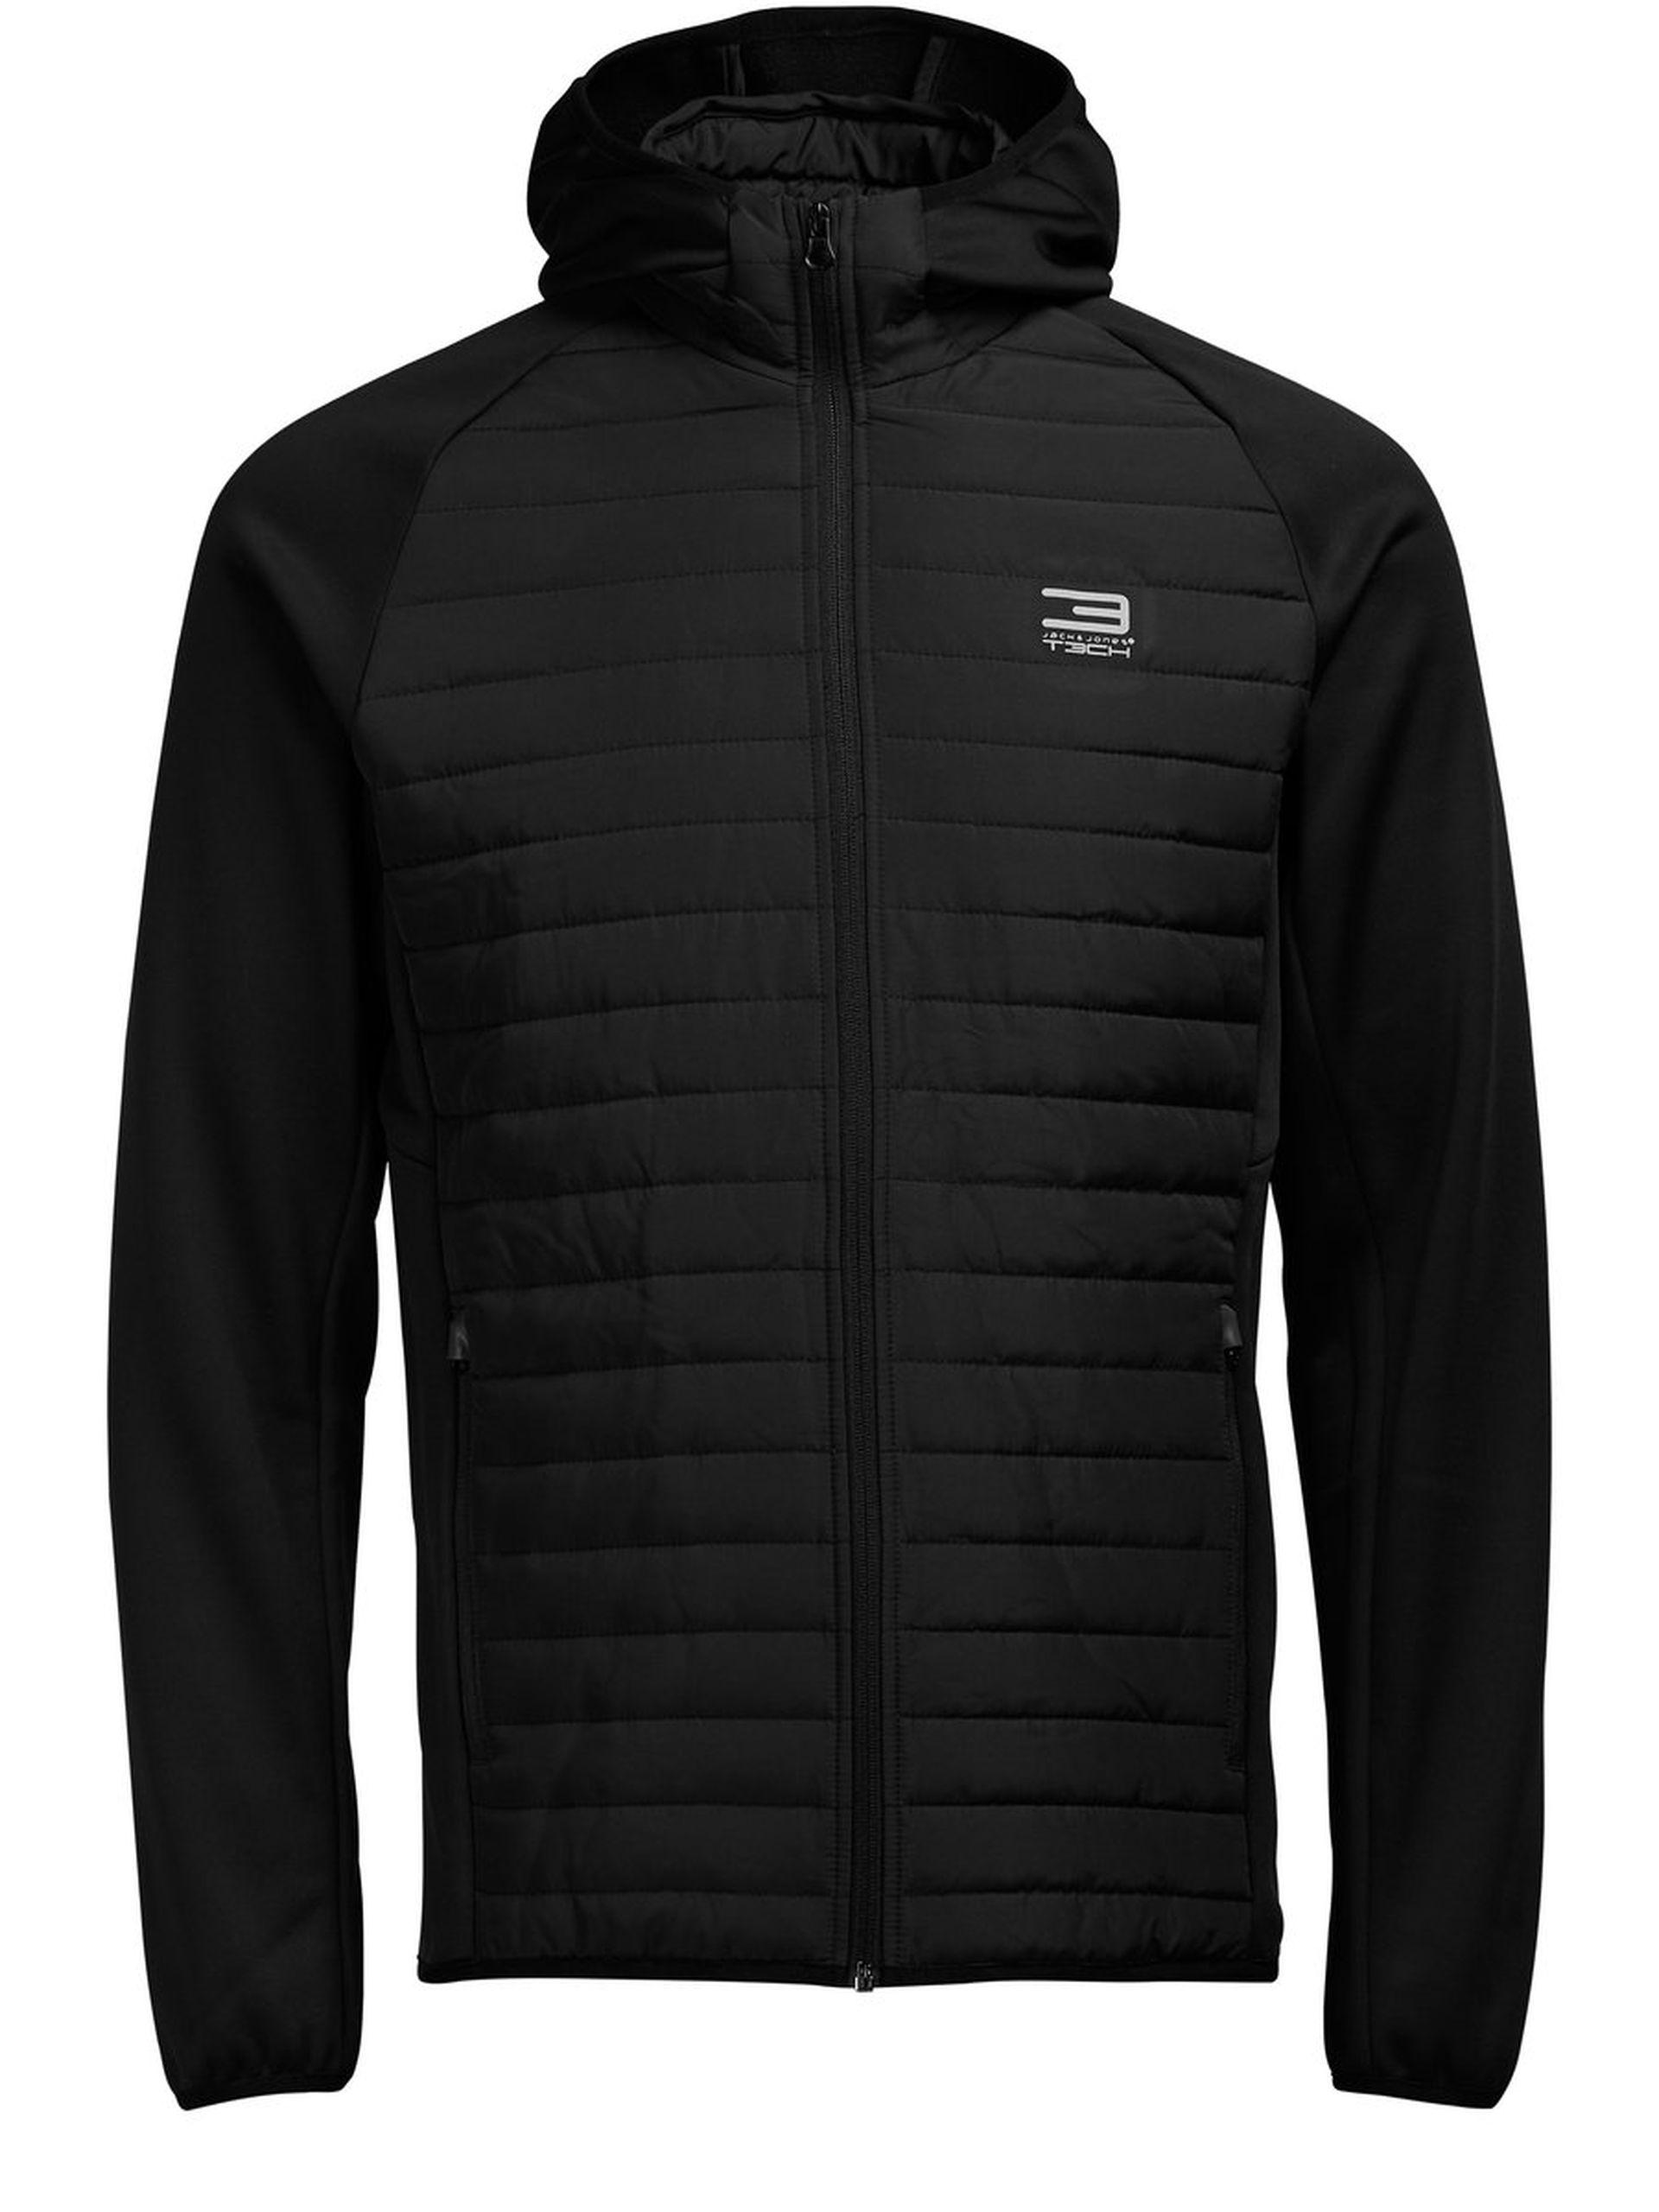 Quilted jacket, £40 ( jackjones.com )